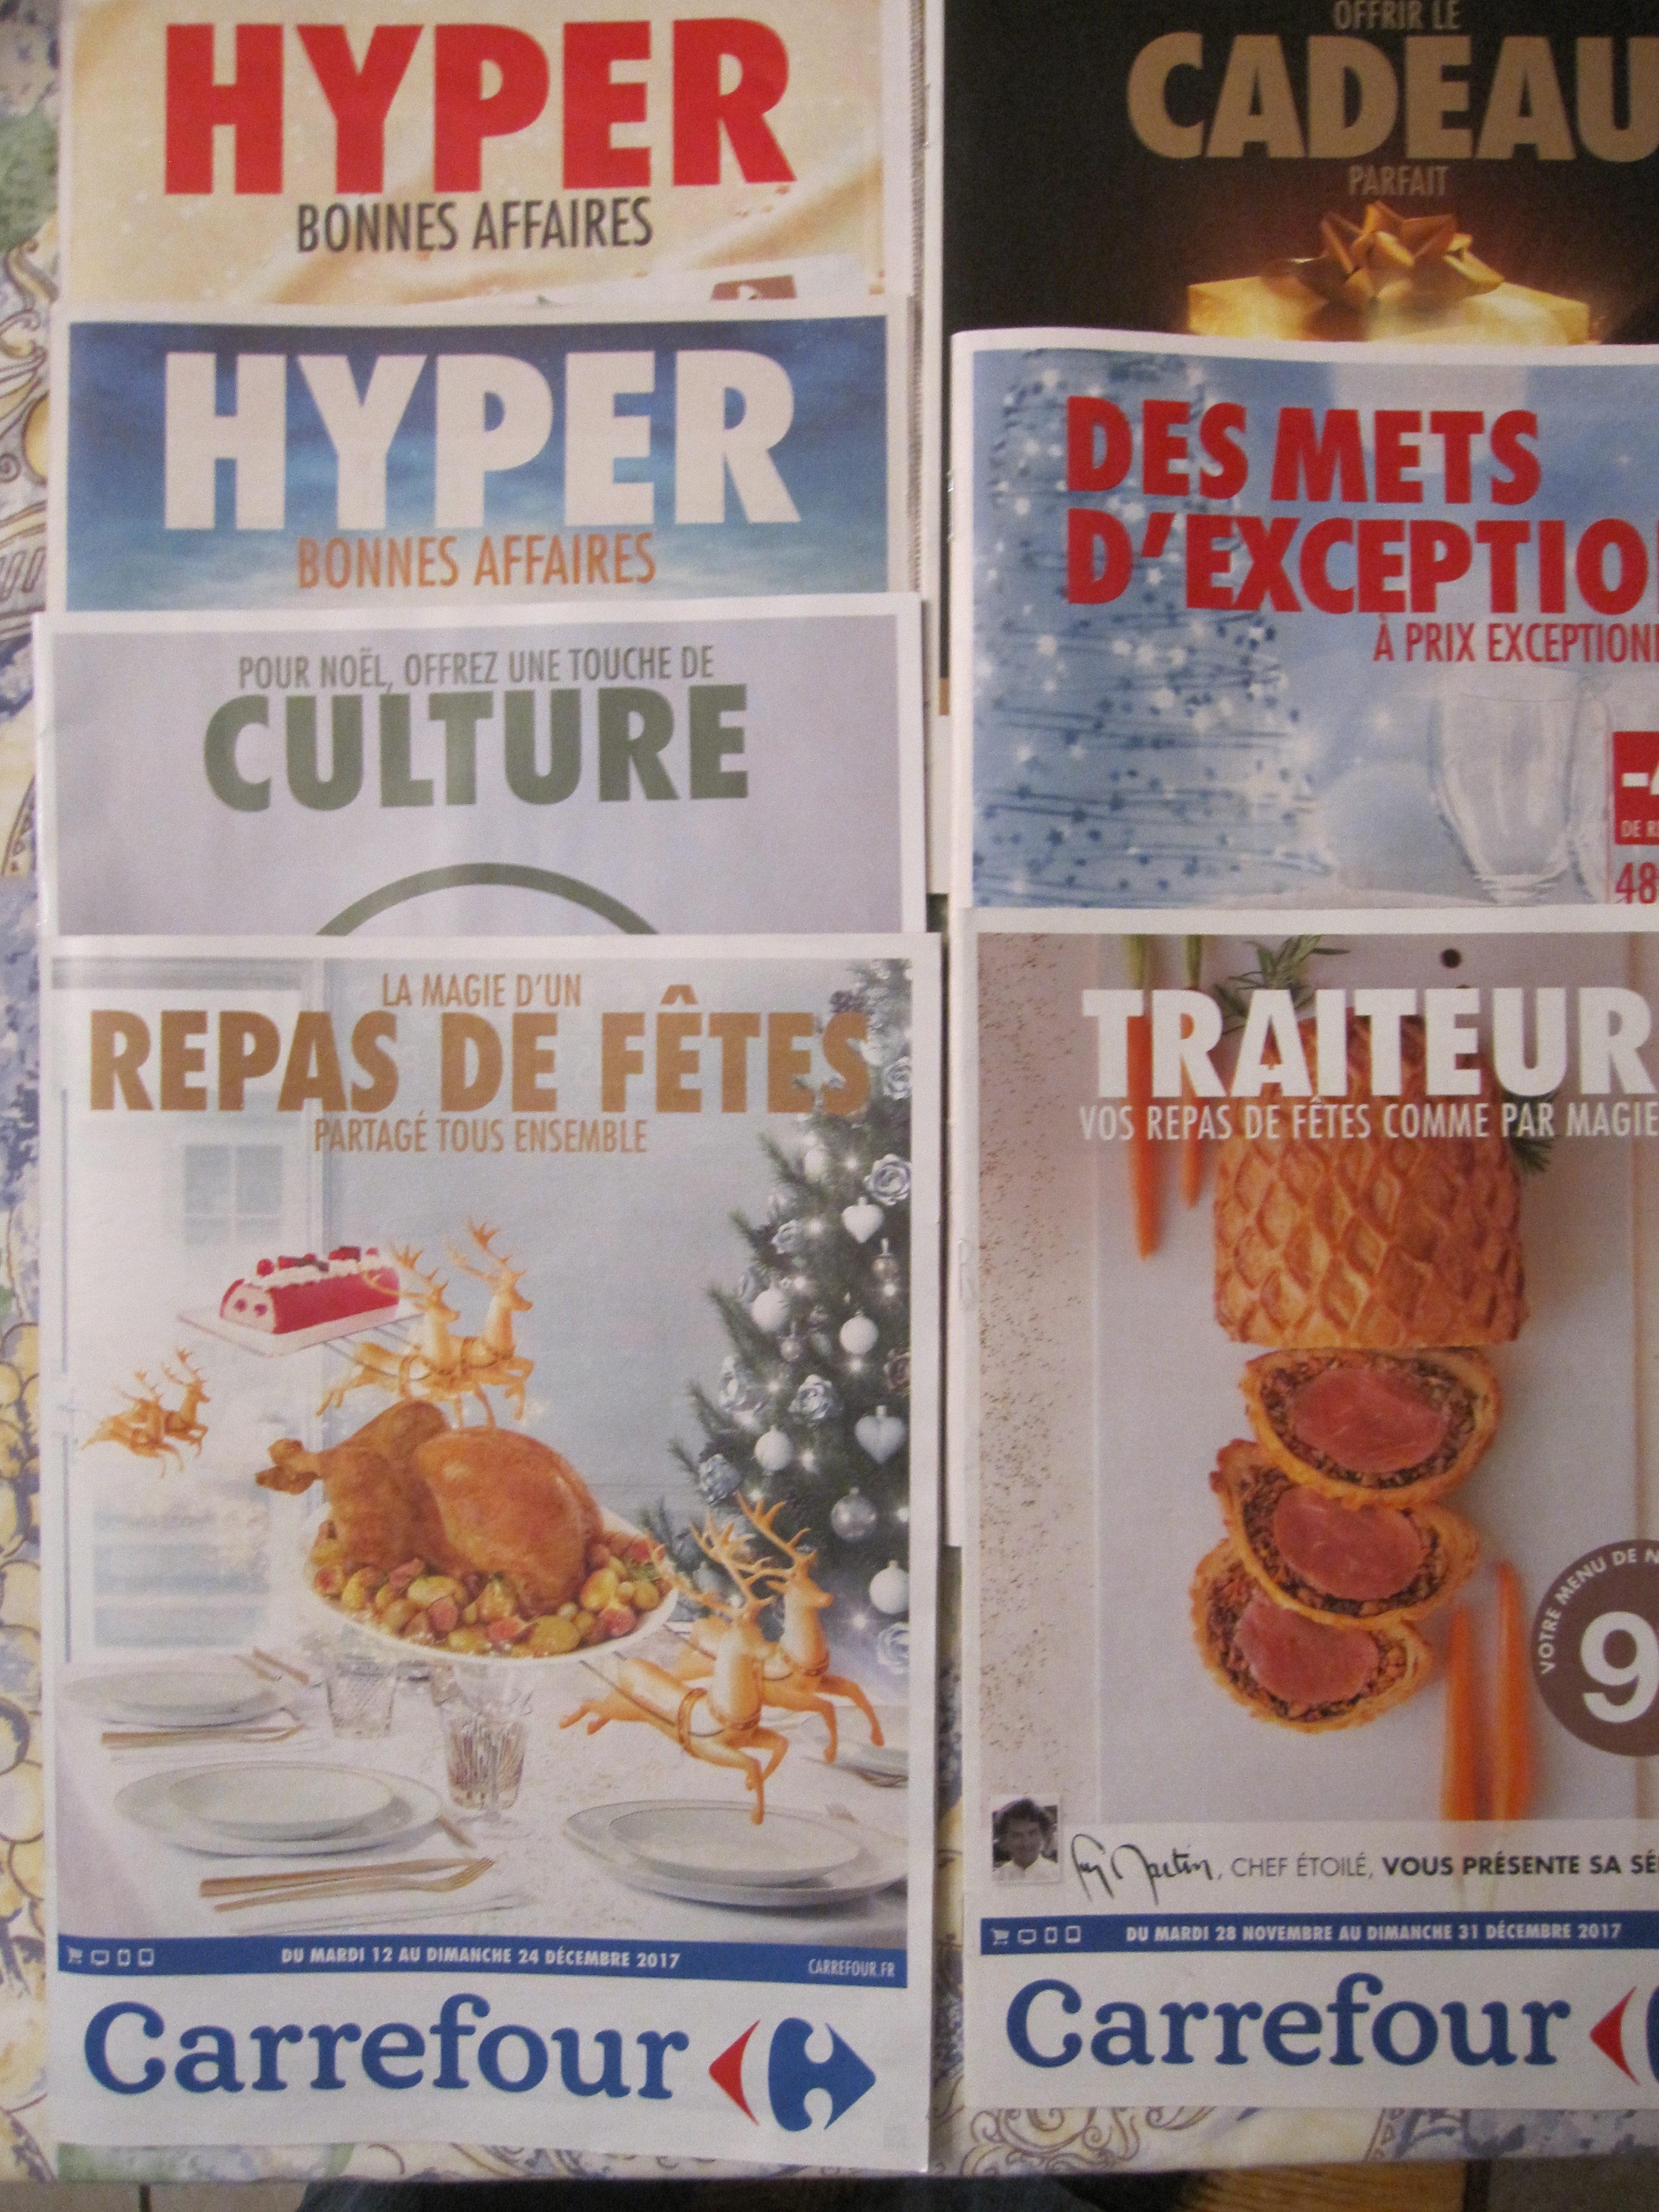 catalogue traiteur noel 2018 carrefour Carrefour n'ose pas afficher Noël dans ses catalogues, par contre  catalogue traiteur noel 2018 carrefour